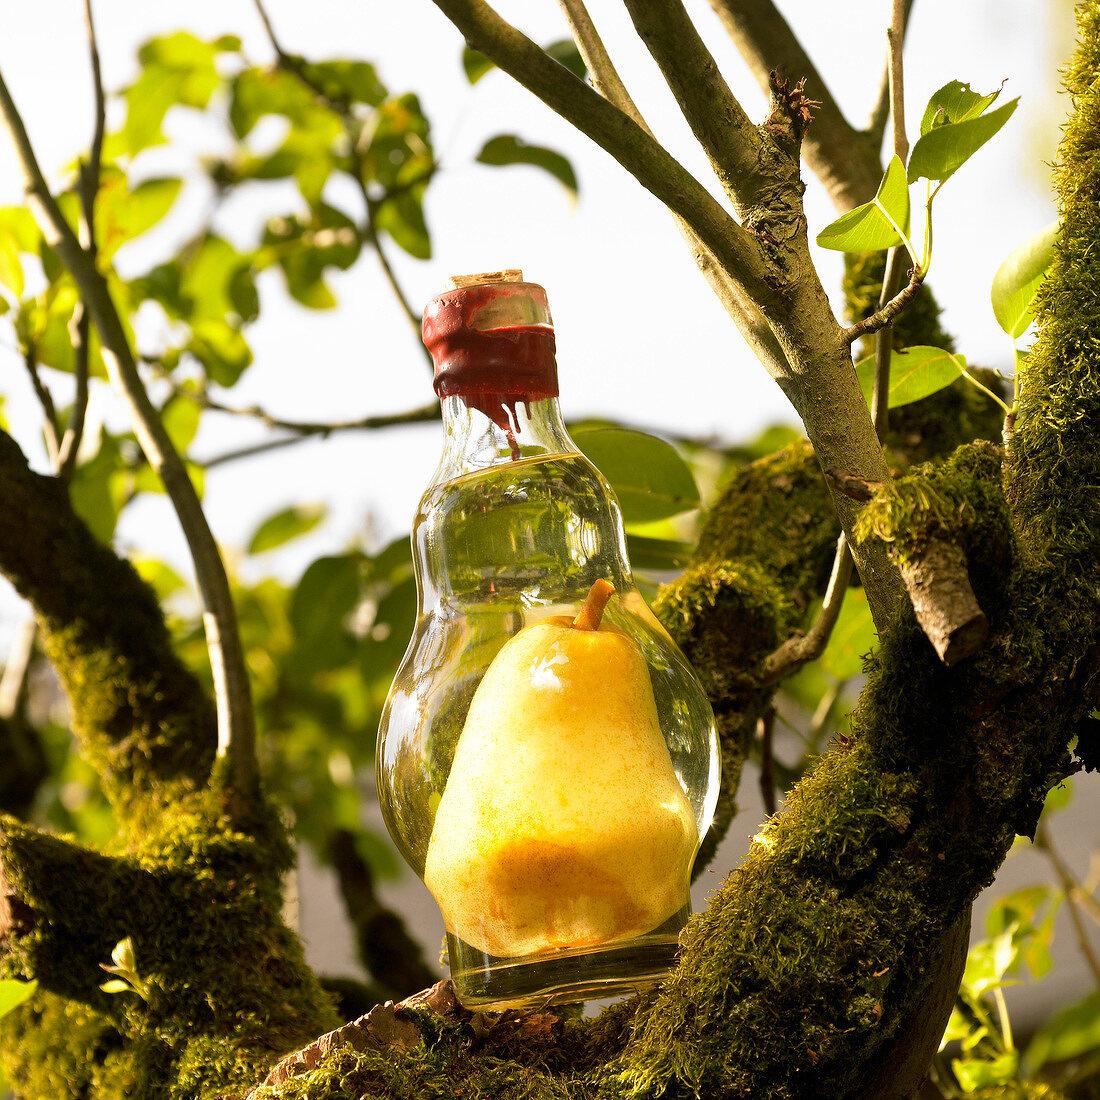 Bottle of pear Eau-de-vie in a tree